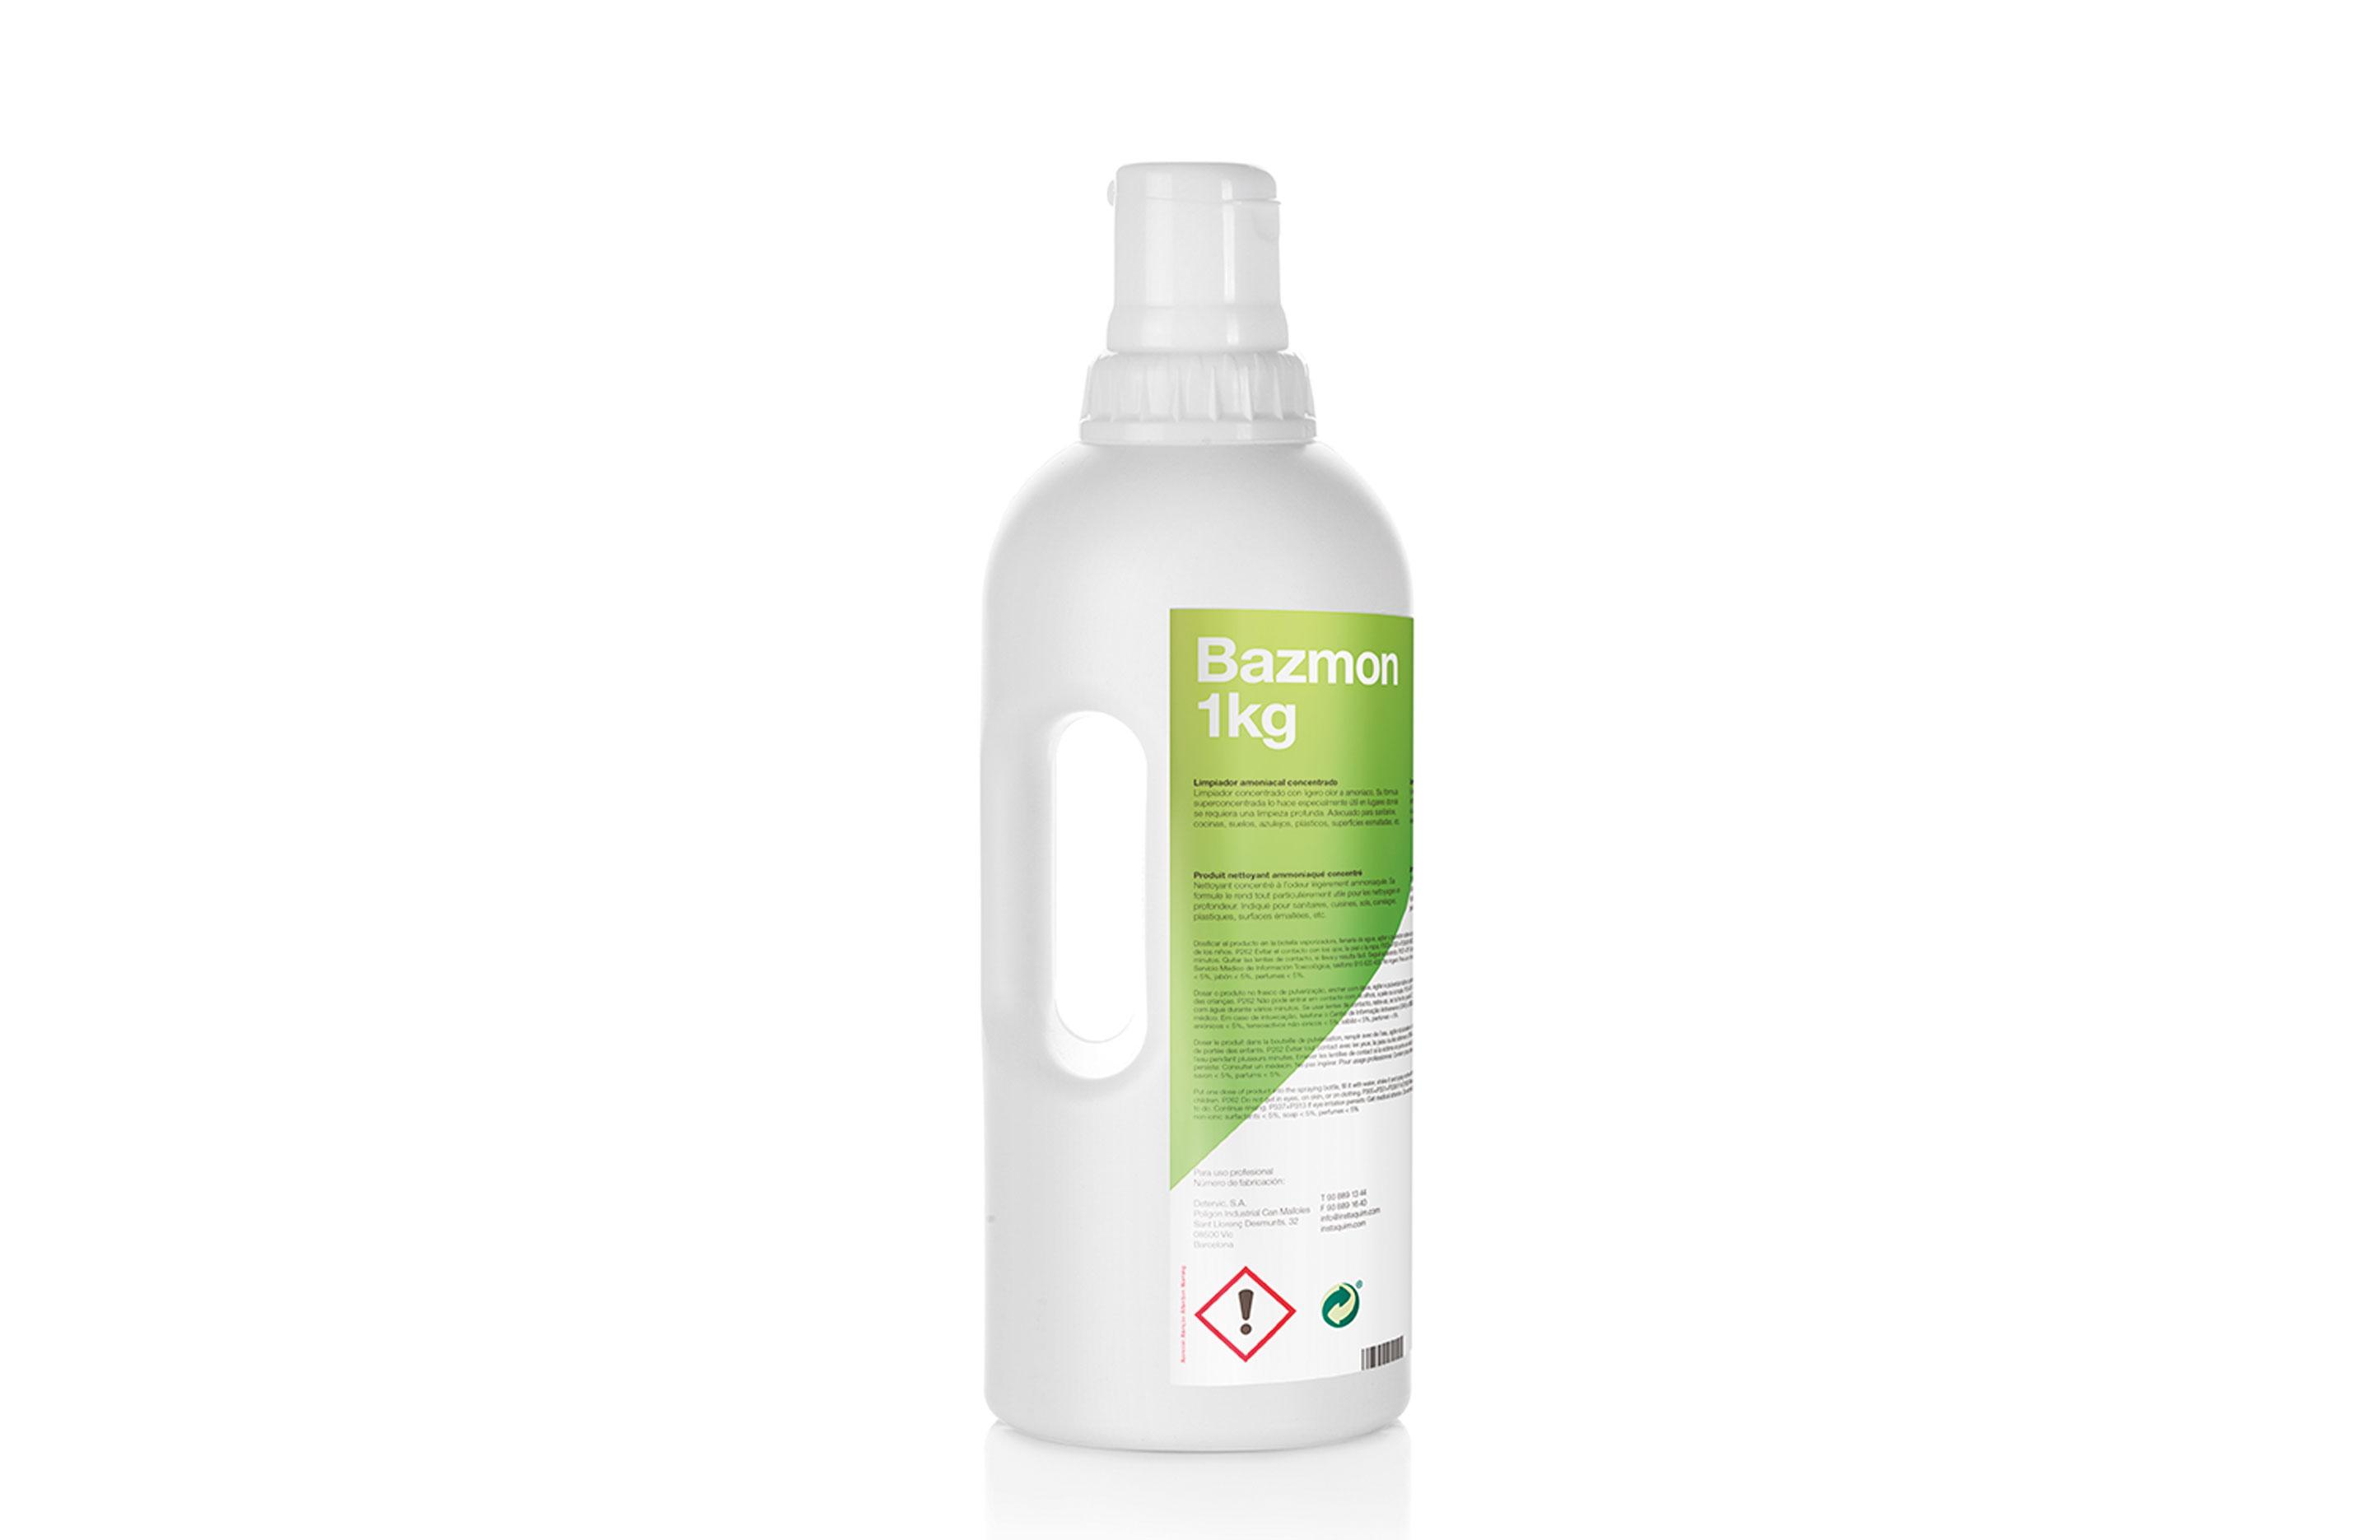 Bazmon. limpiador amoniacal concentrado - Autodosis.